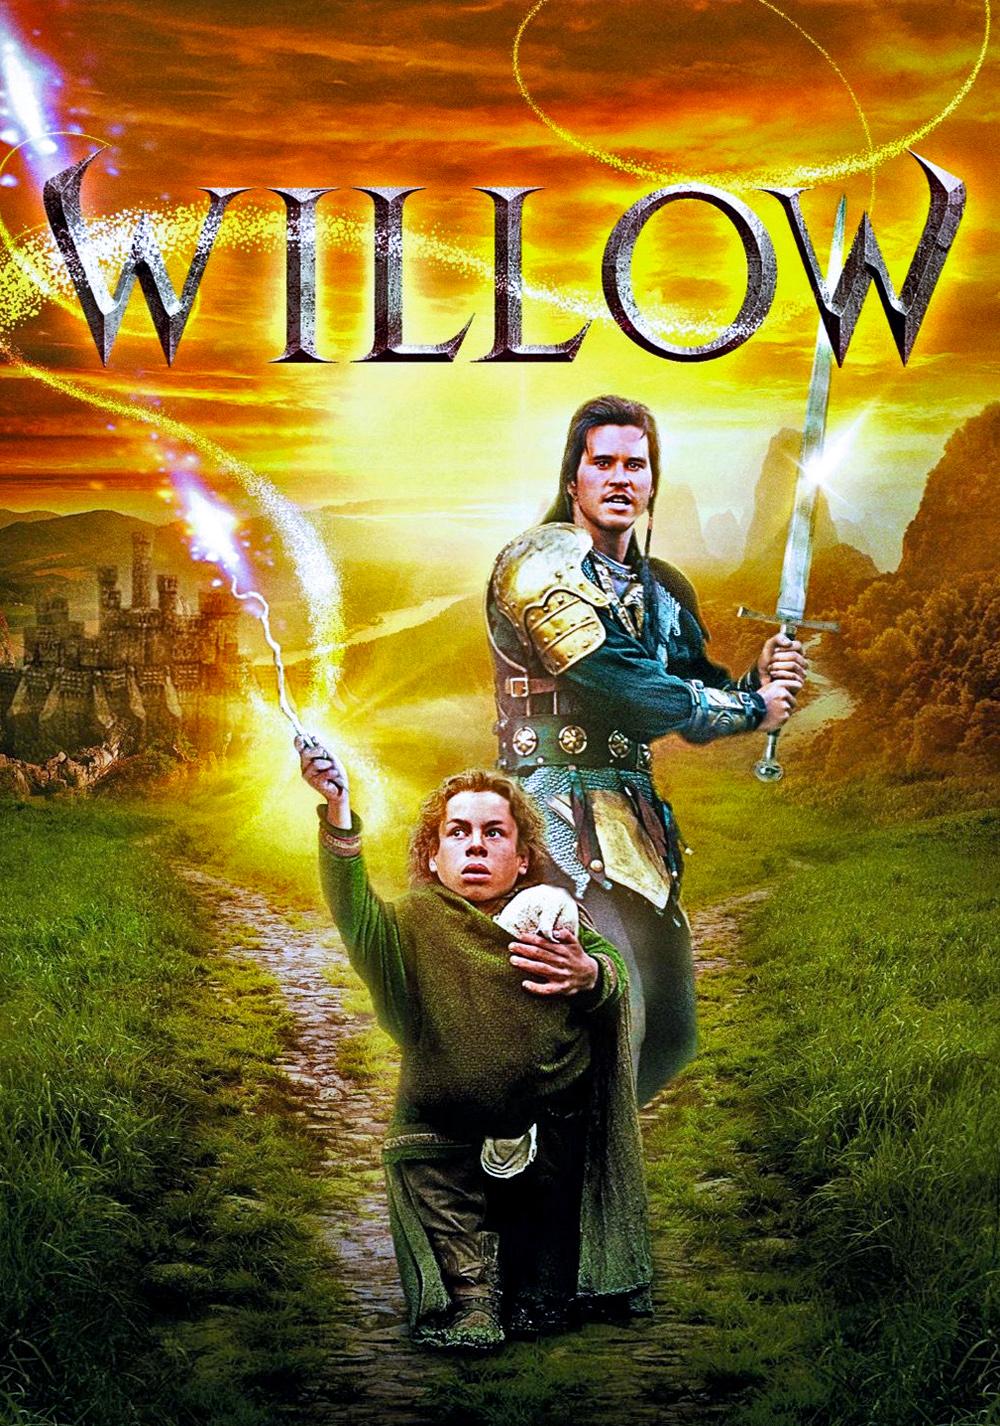 Willow Film